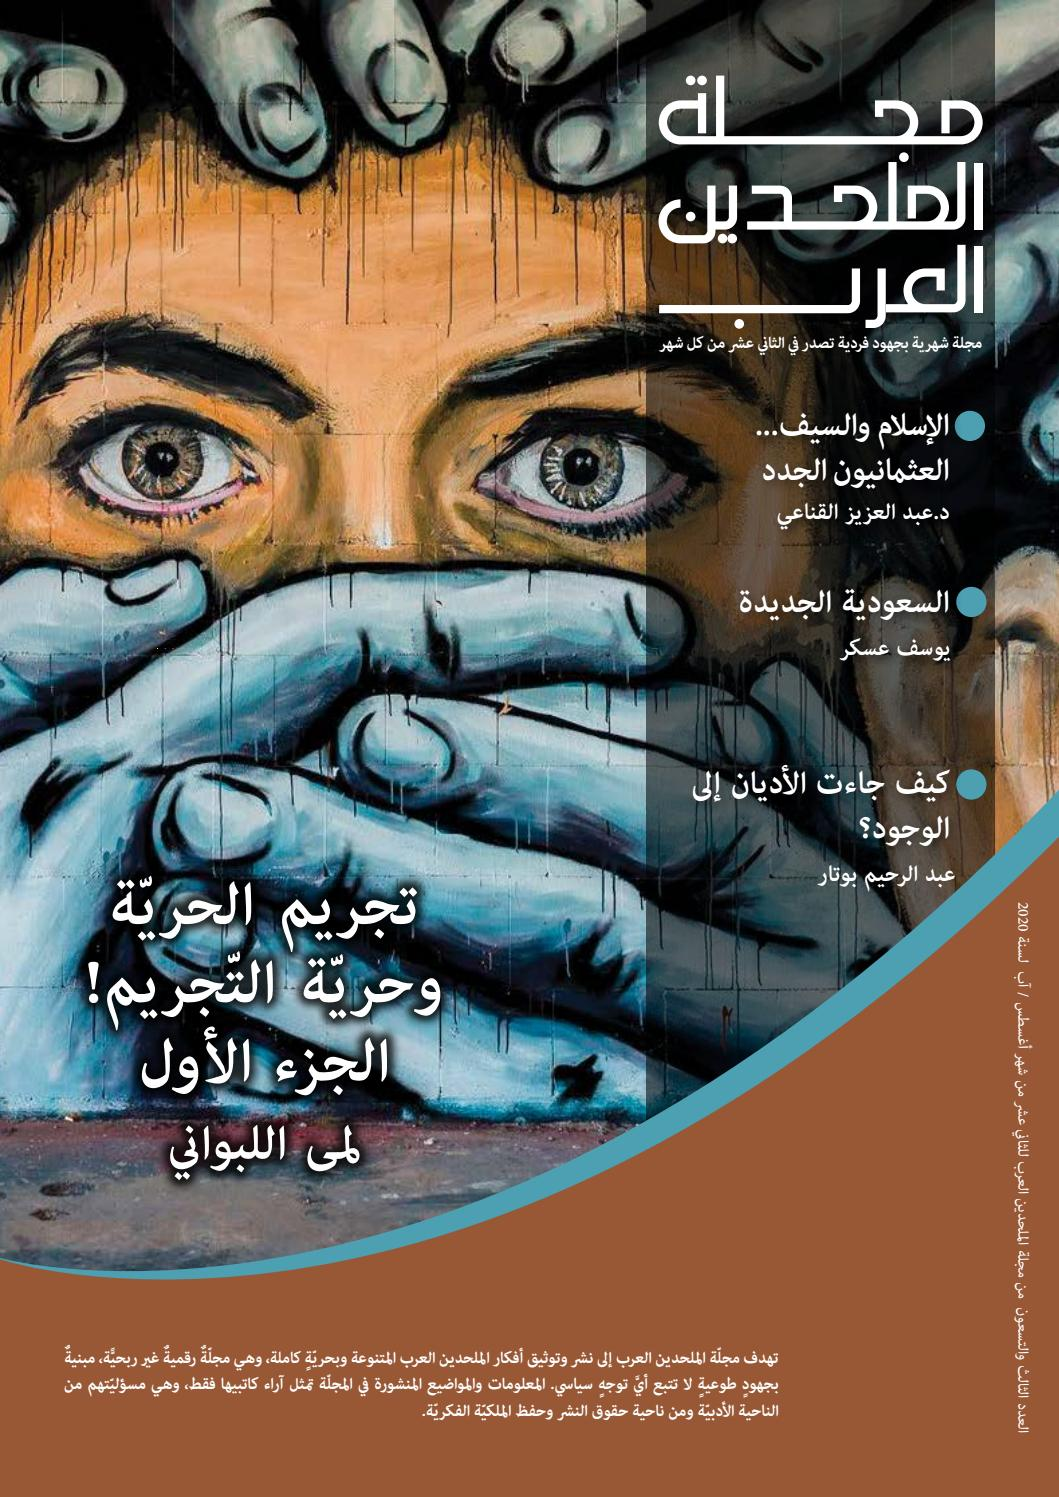 مجلة الملحدين العرب العدد الثالث والتسعون أغسطس آب 2020 By مجلة الملحدين العرب Arab Atheists Magazine Issuu